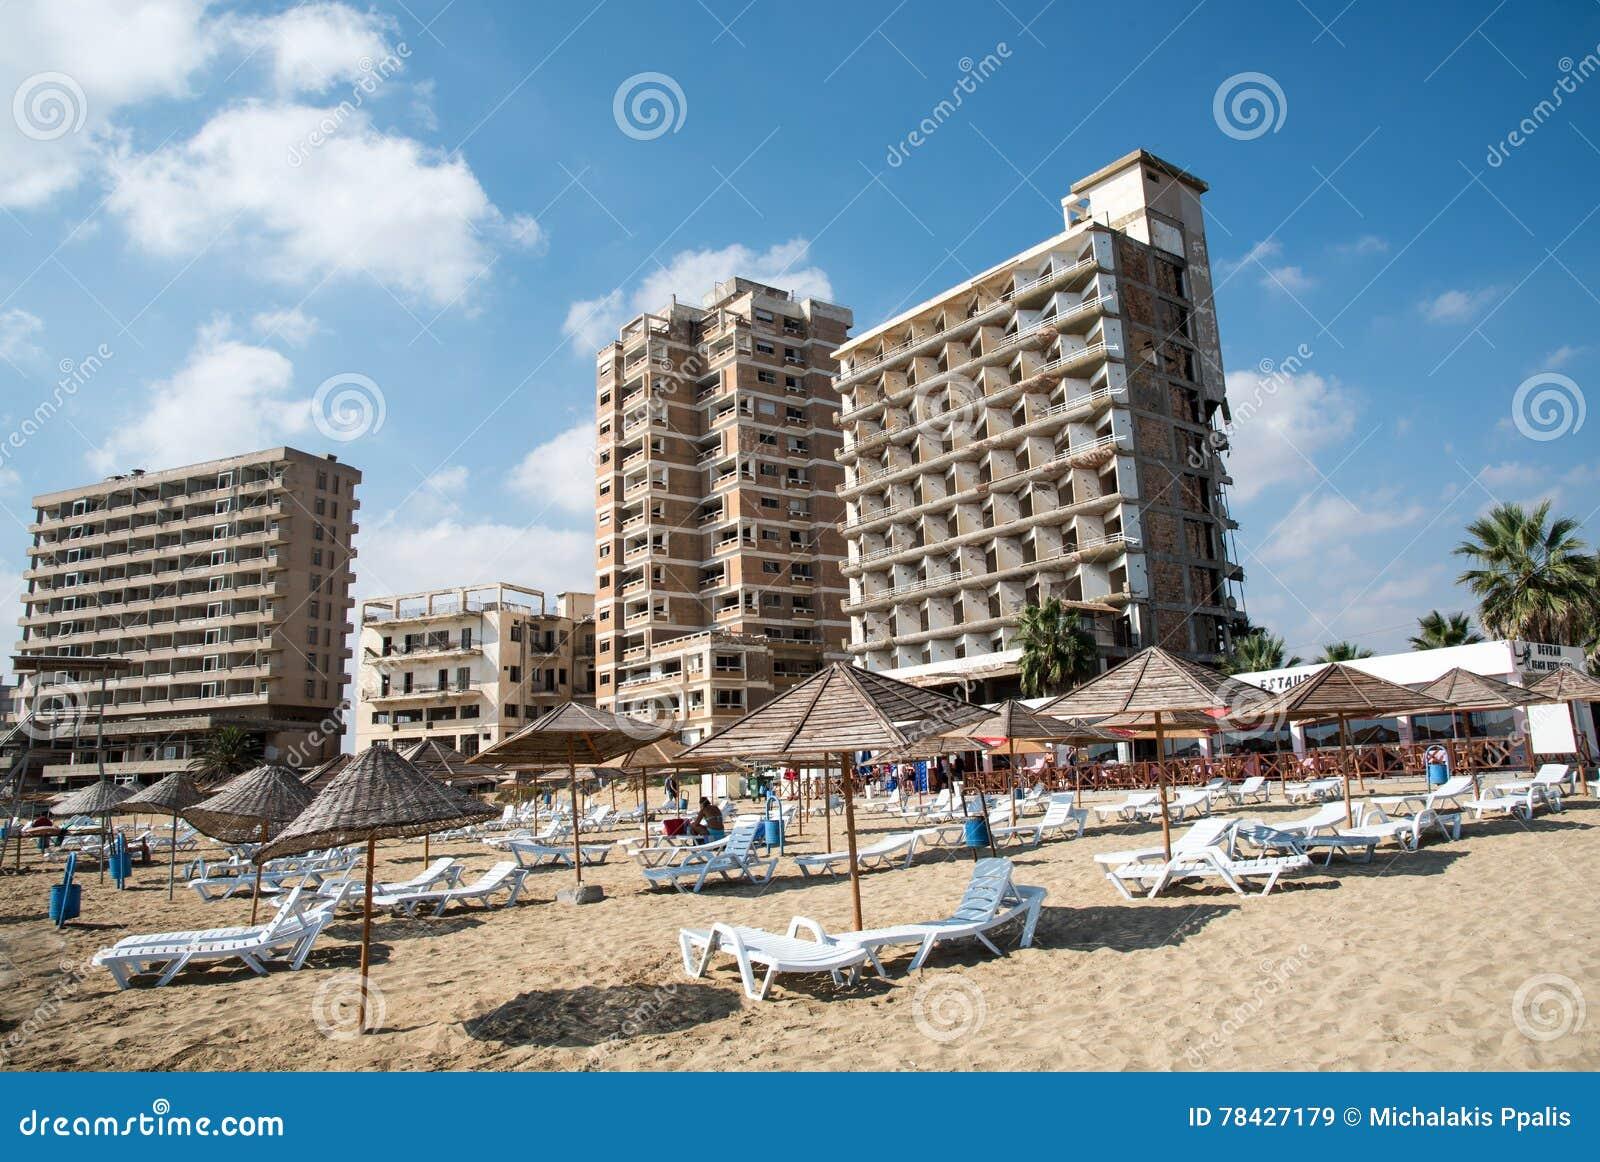 Karta Famagusta Cypern.Famagusta Strand Och Overgav Hotell Cypern Redaktionell